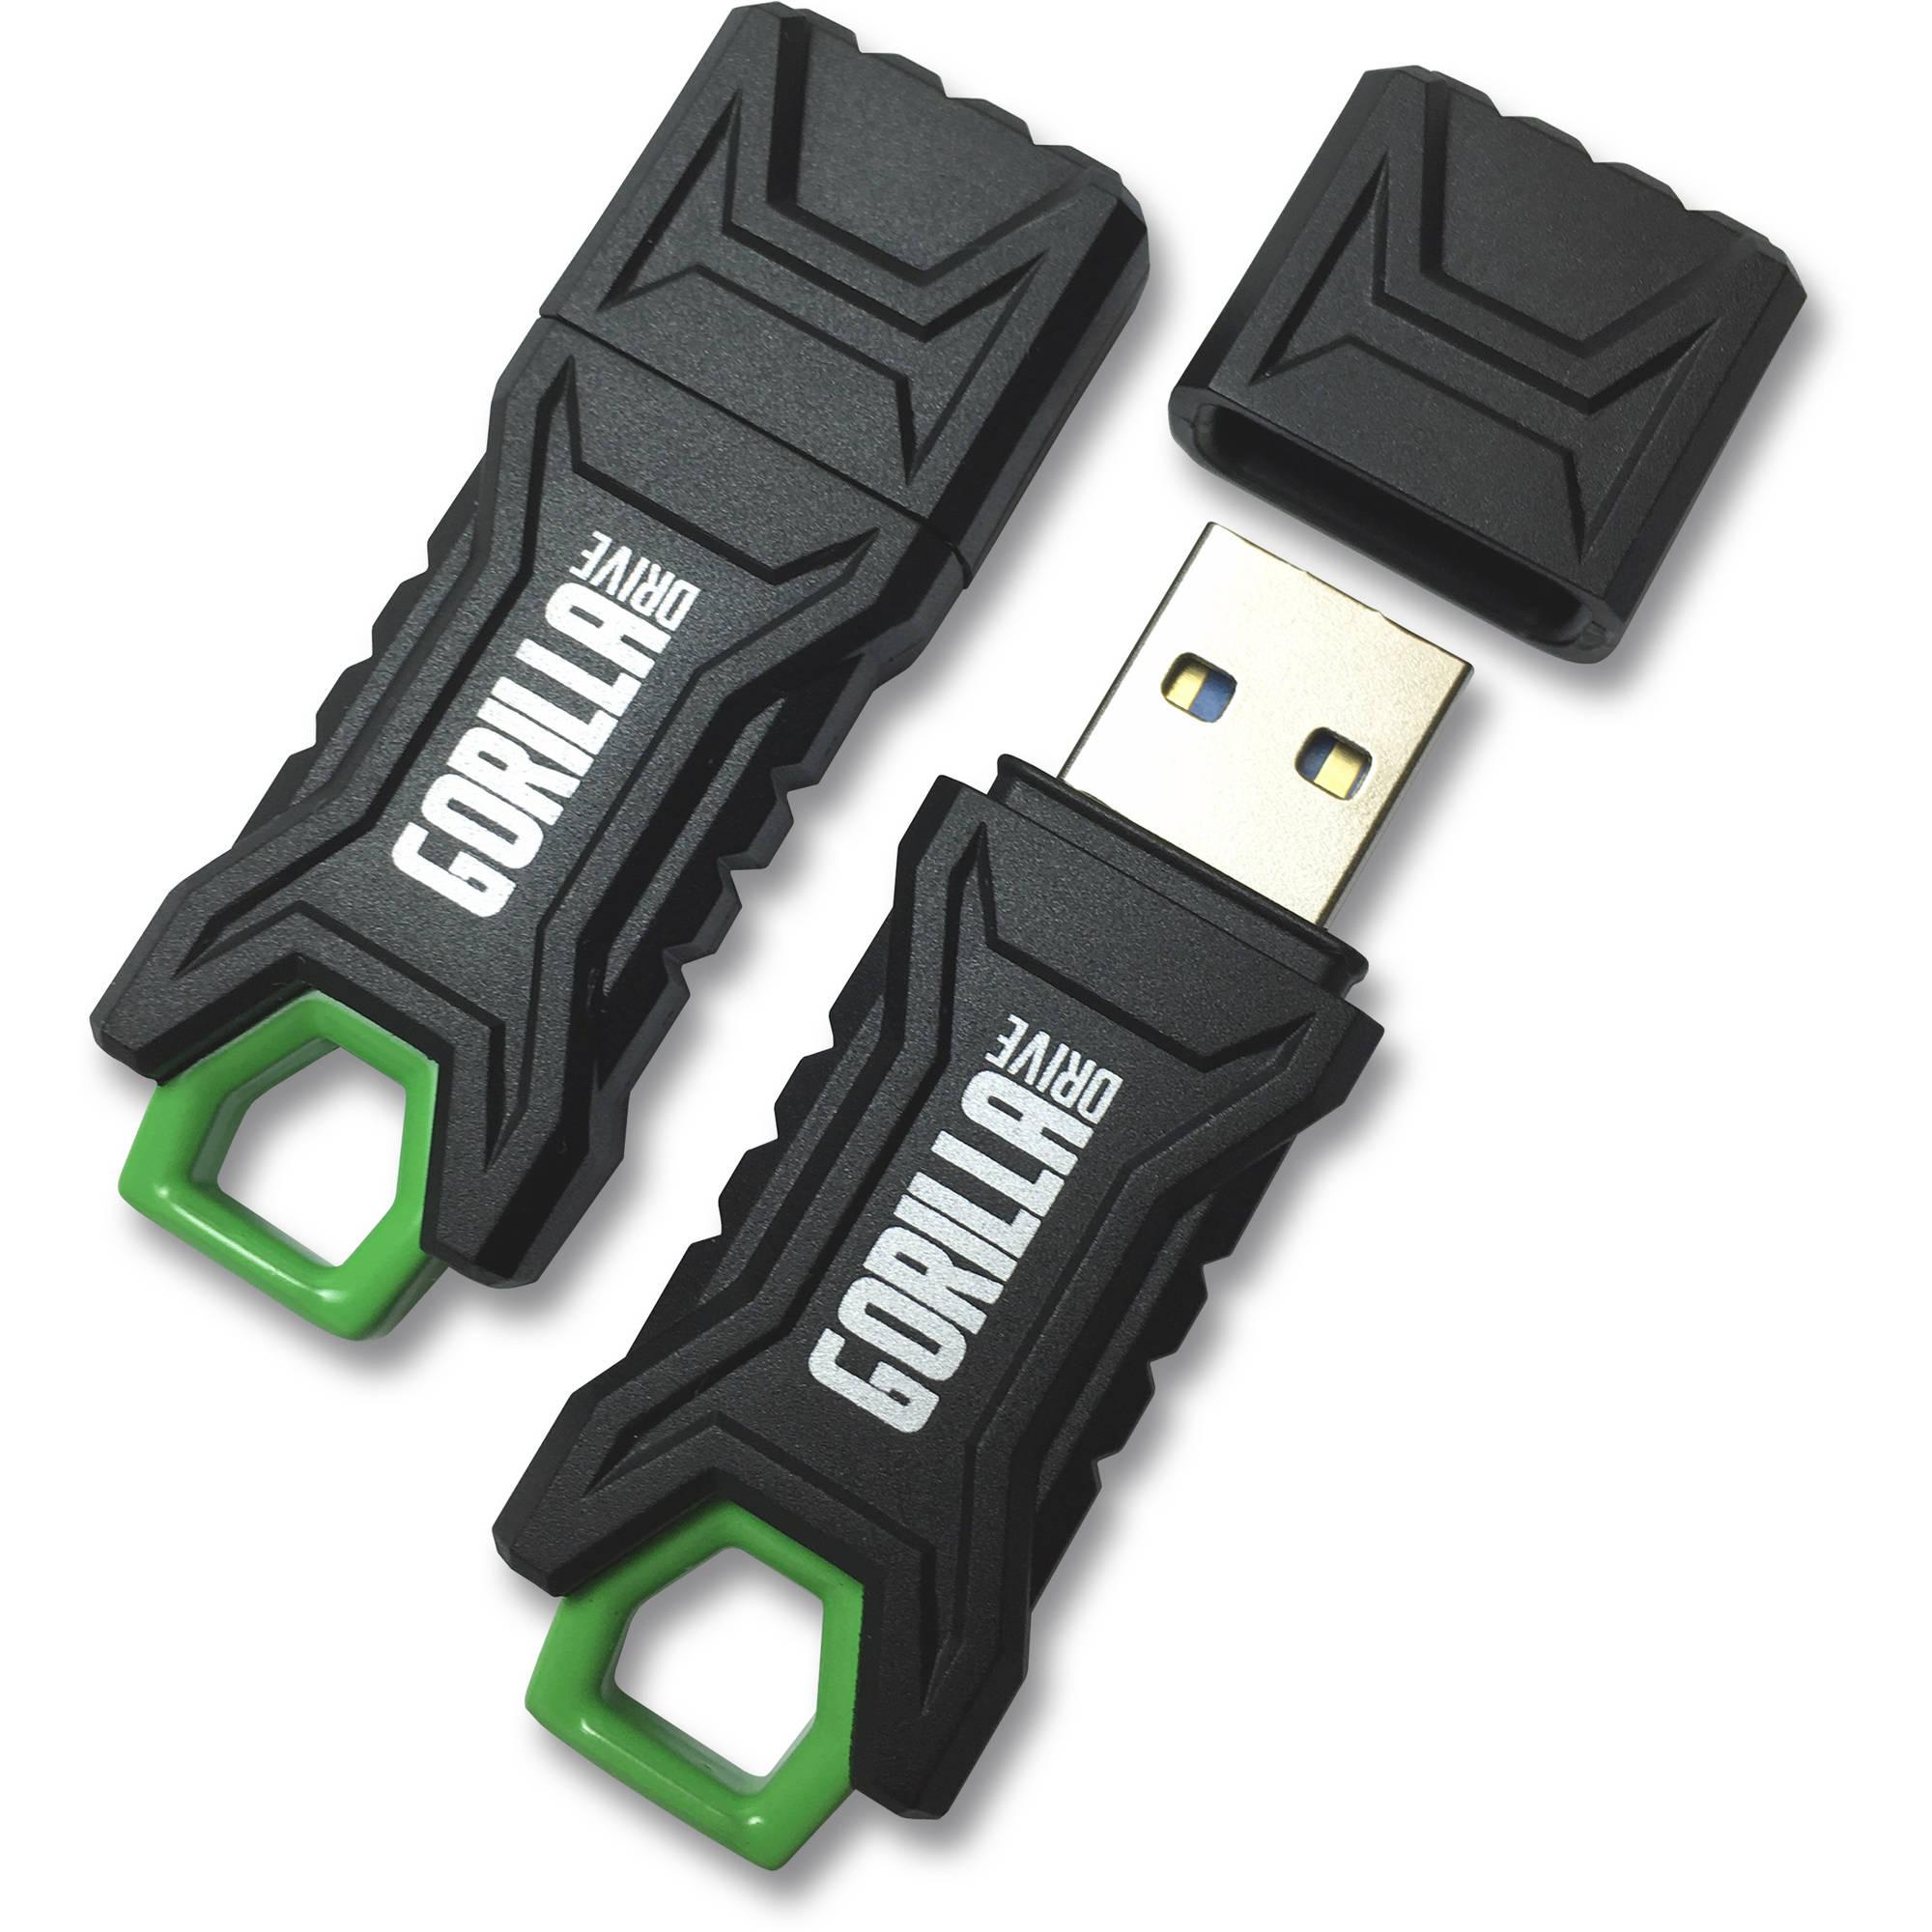 GorillaDrive 3.0 Ruggedized 64GB USB Flash Drive